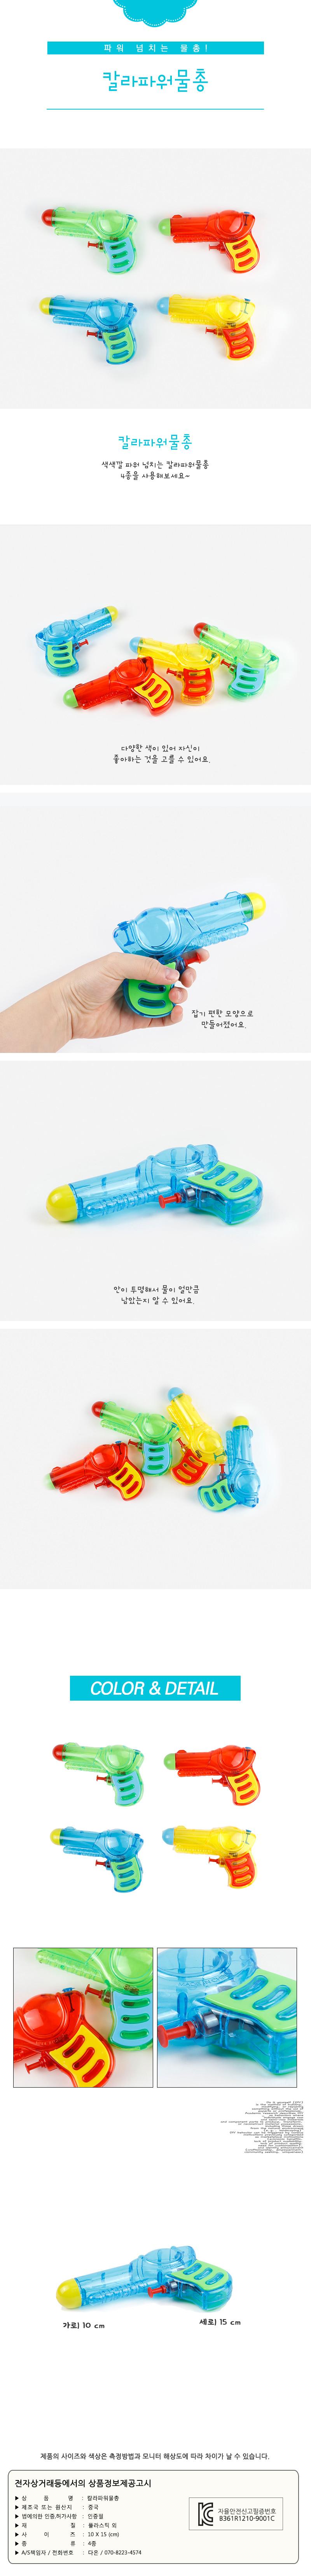 칼라파워물총 색상램덤 - 아토, 1,000원, 아이디어 상품, 아이디어 상품